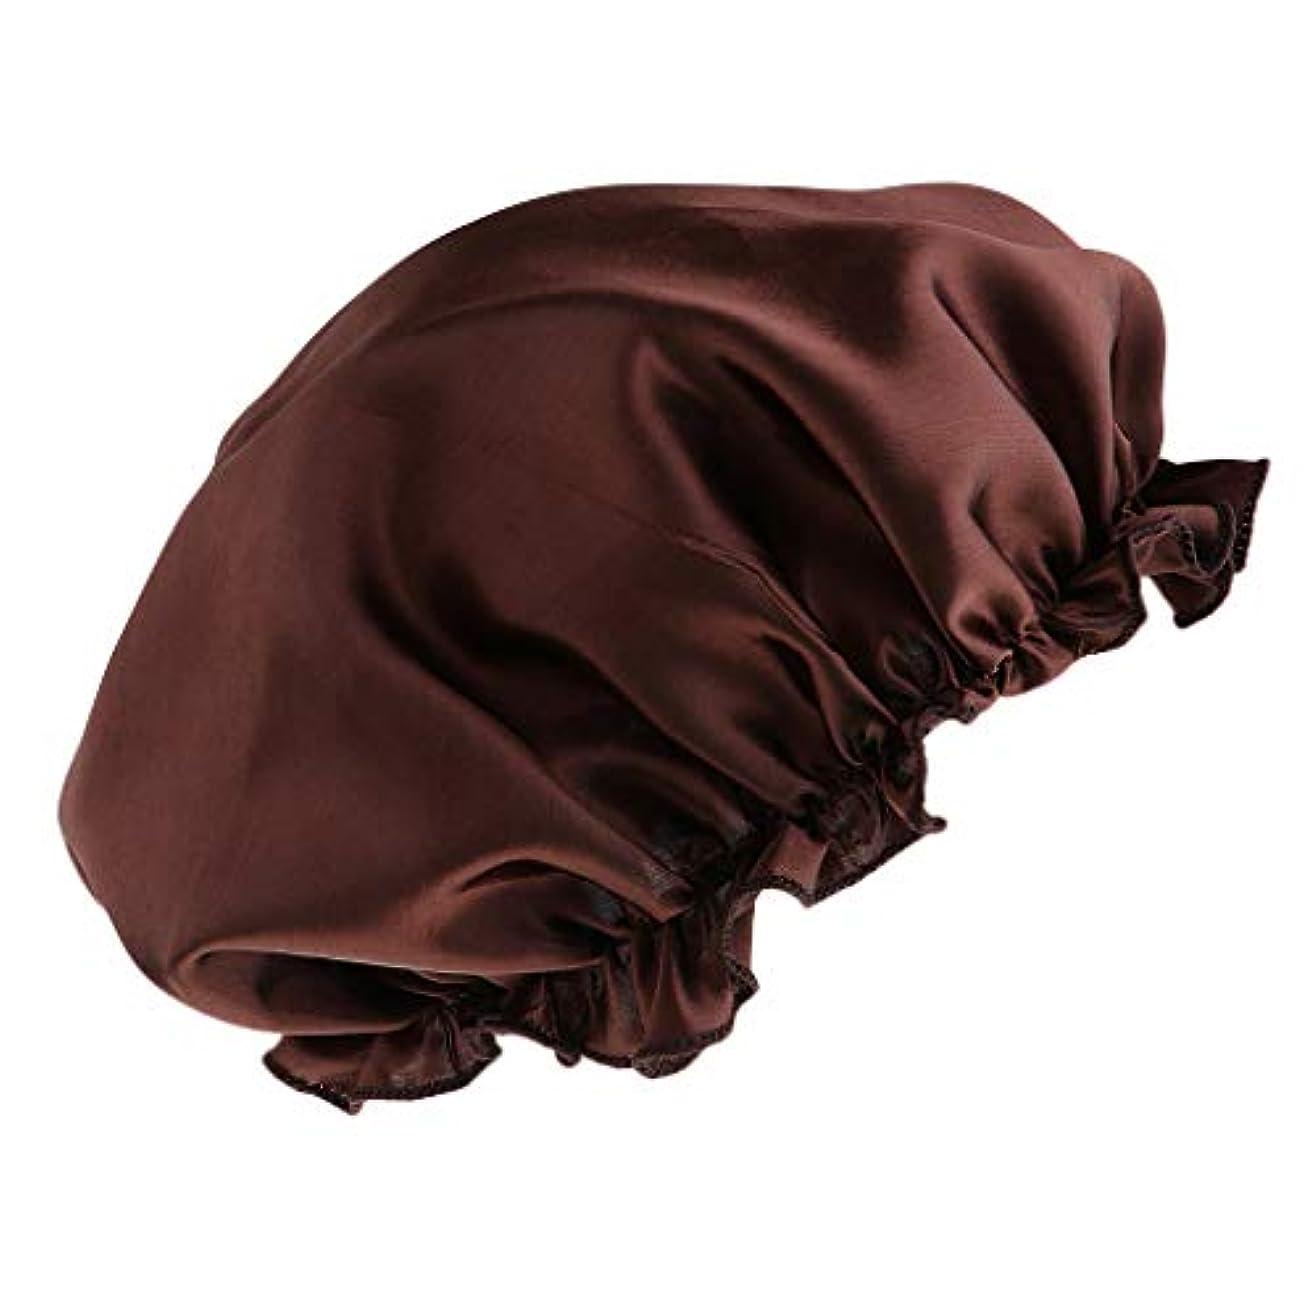 専門化するオフセット管理シャワーキャップ シルクサテンキャップ シルクサテン帽子 美容ヘッドカバー 浴用帽子 全8色 - コーヒー